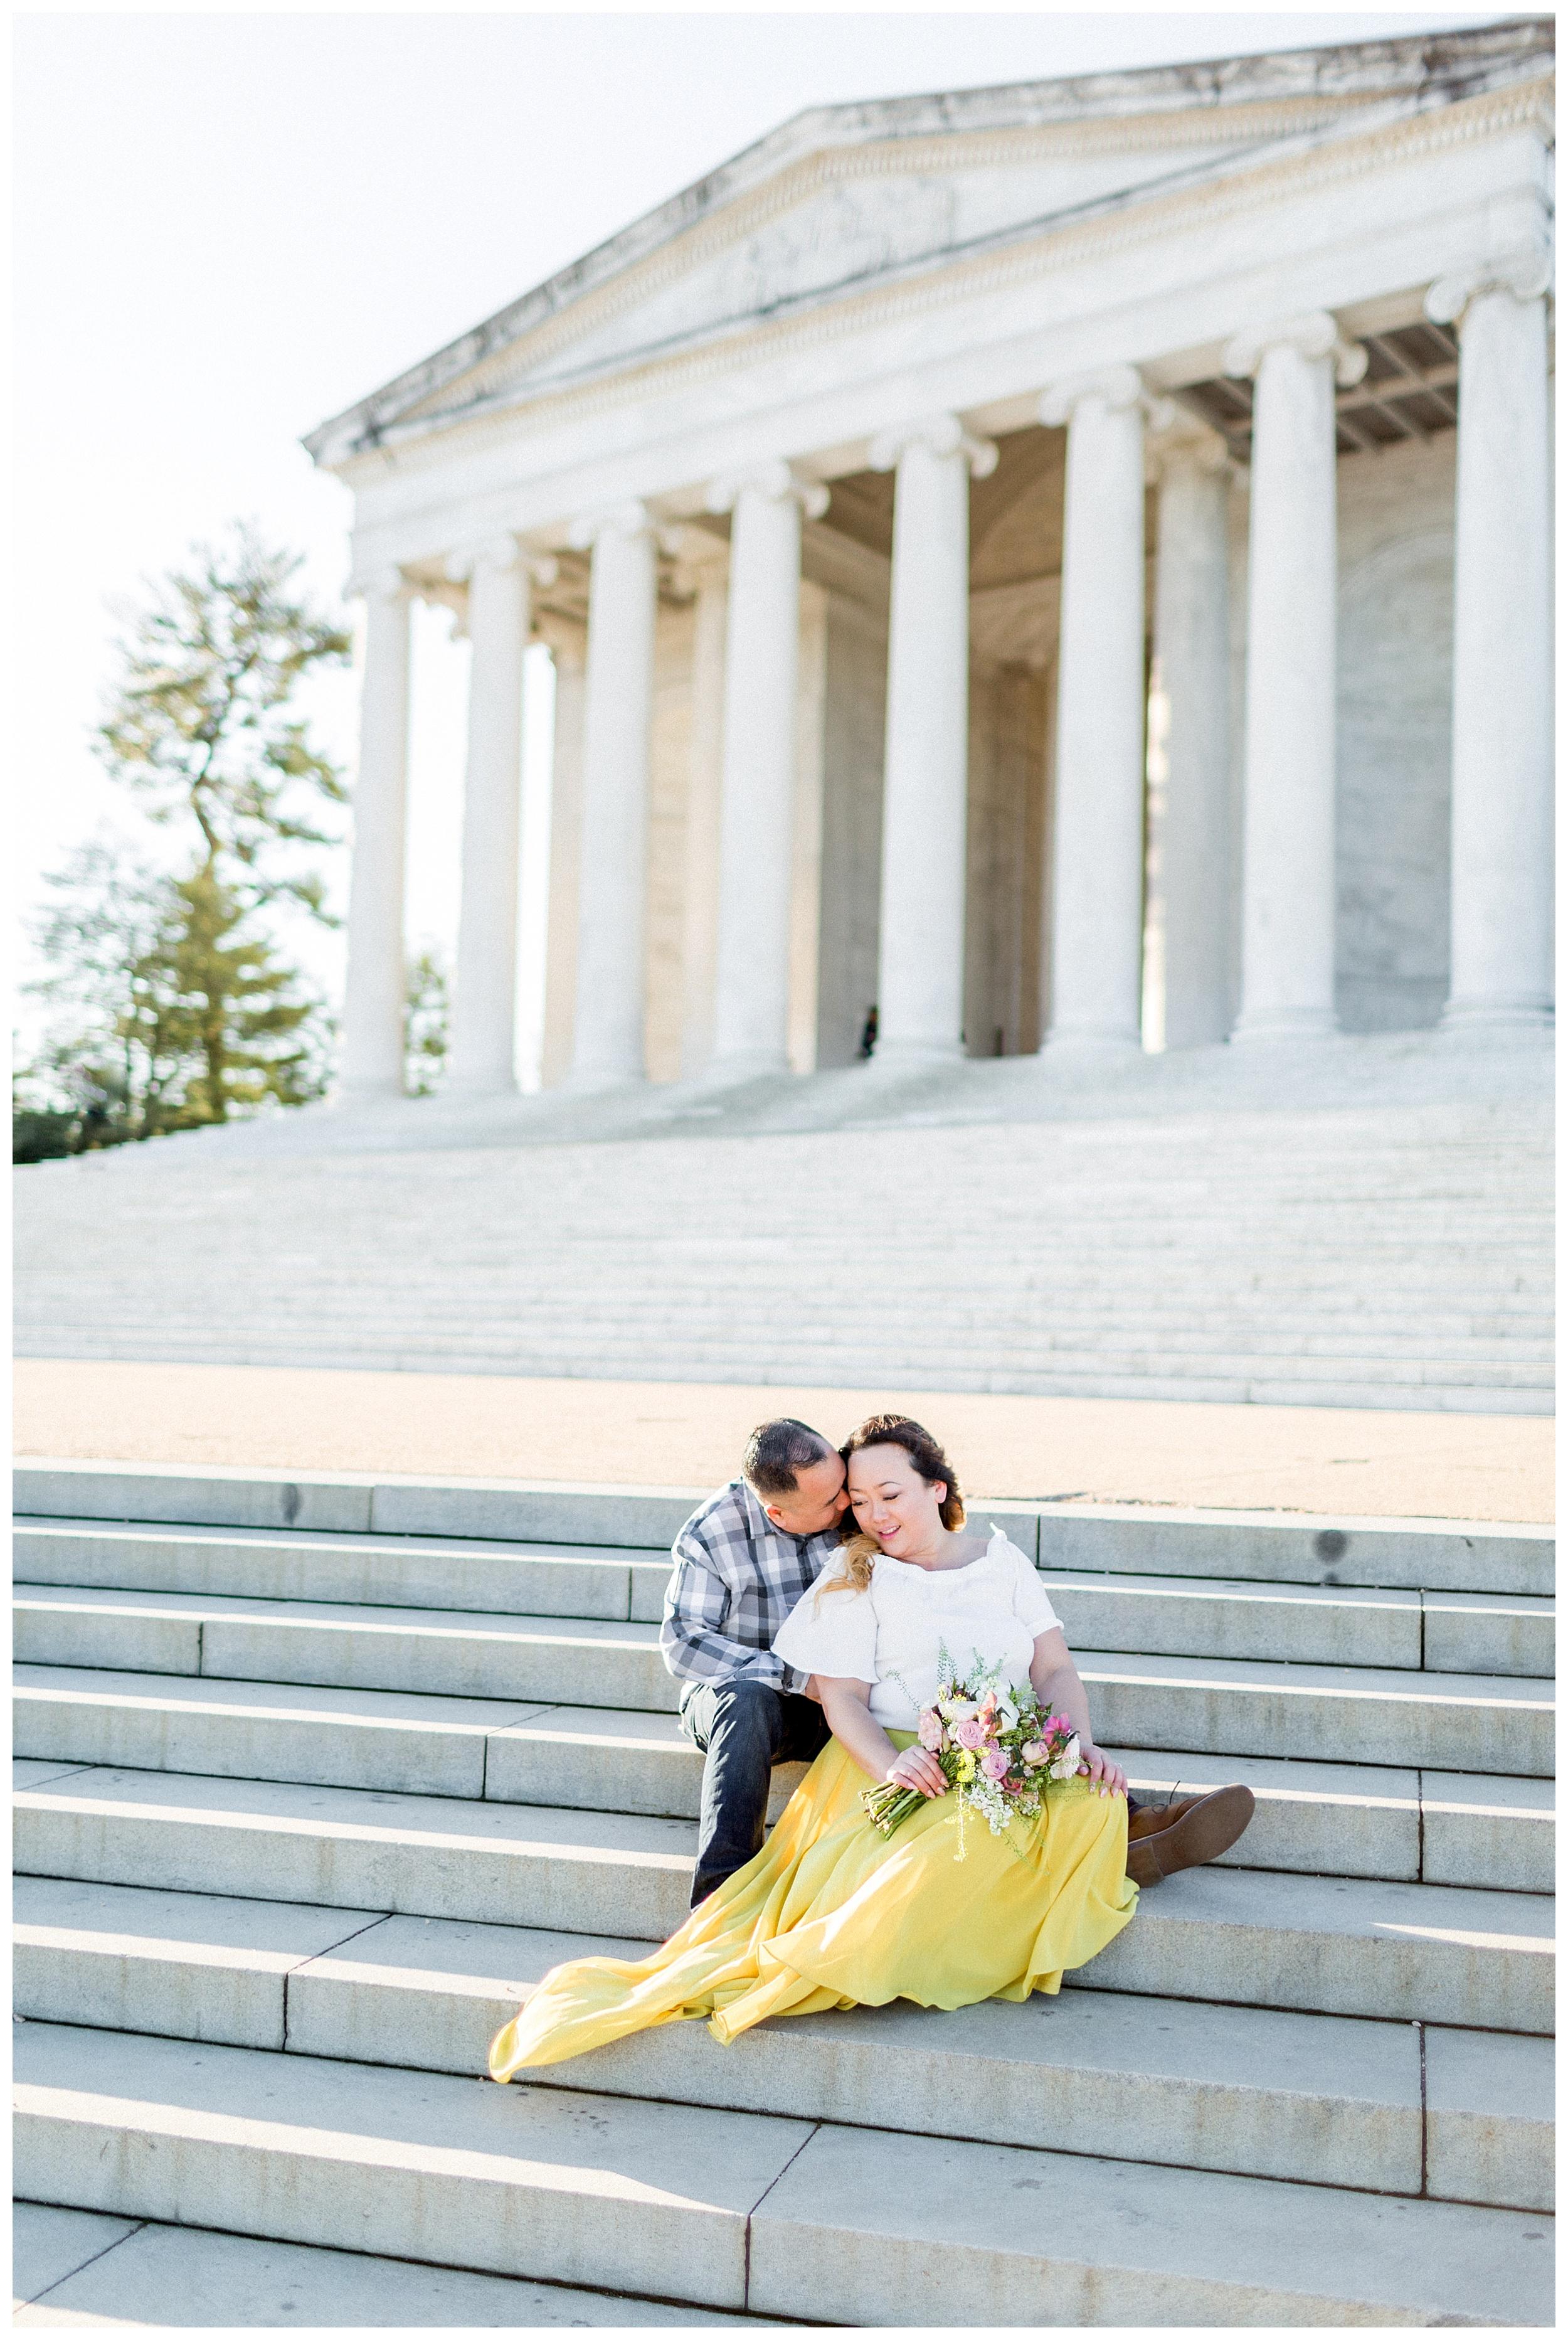 Washington DC Engagement Photos | Thomas Jefferson Engagement Session_0011.jpg